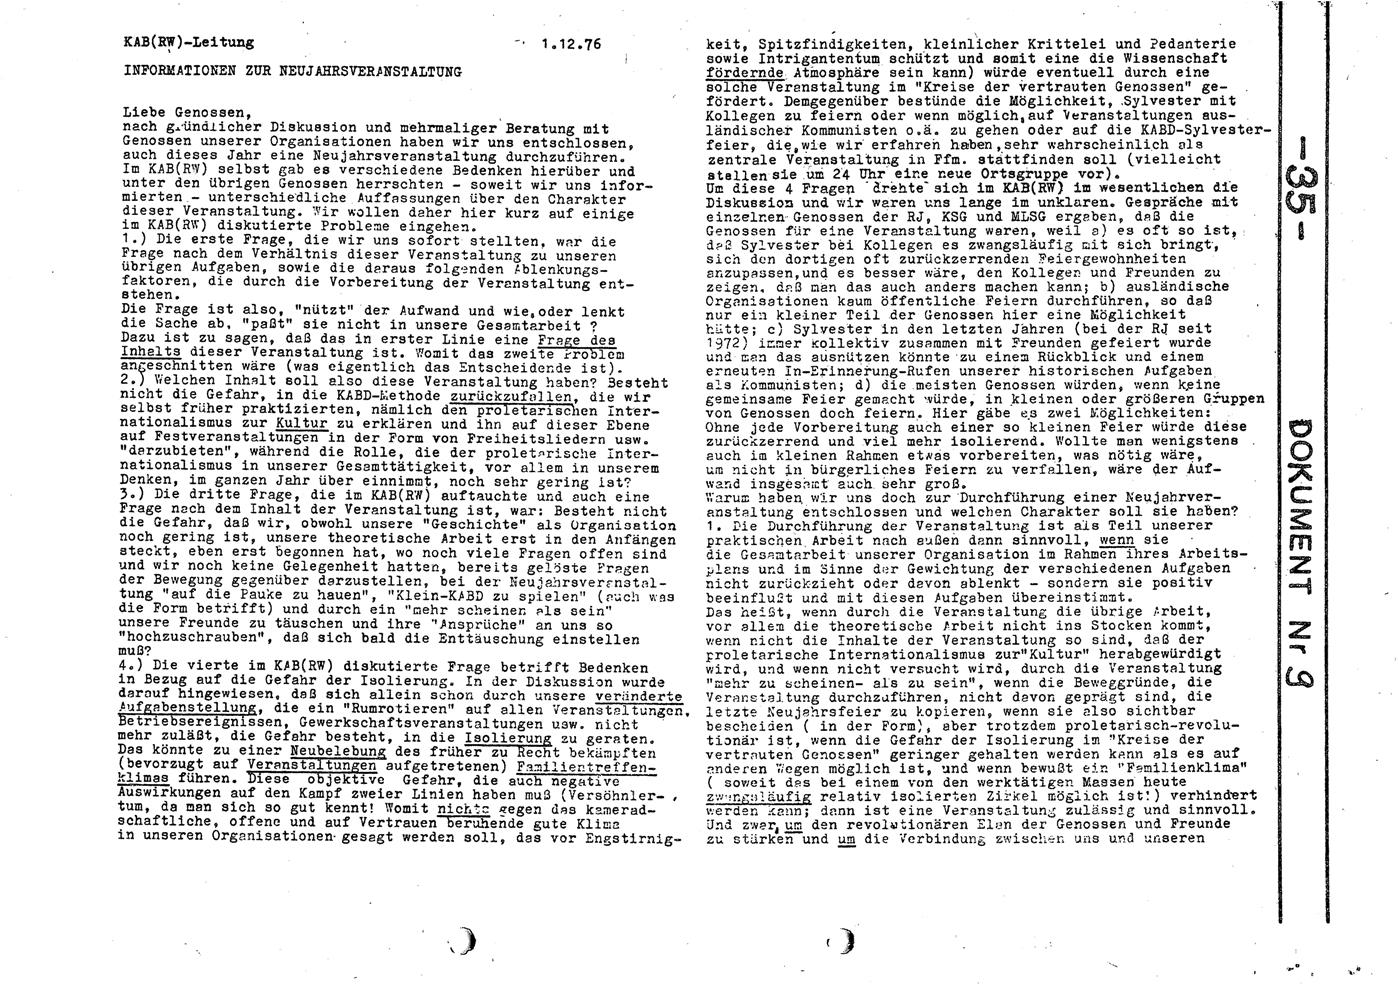 KABRW_Arbeitshefte_1977_24_035